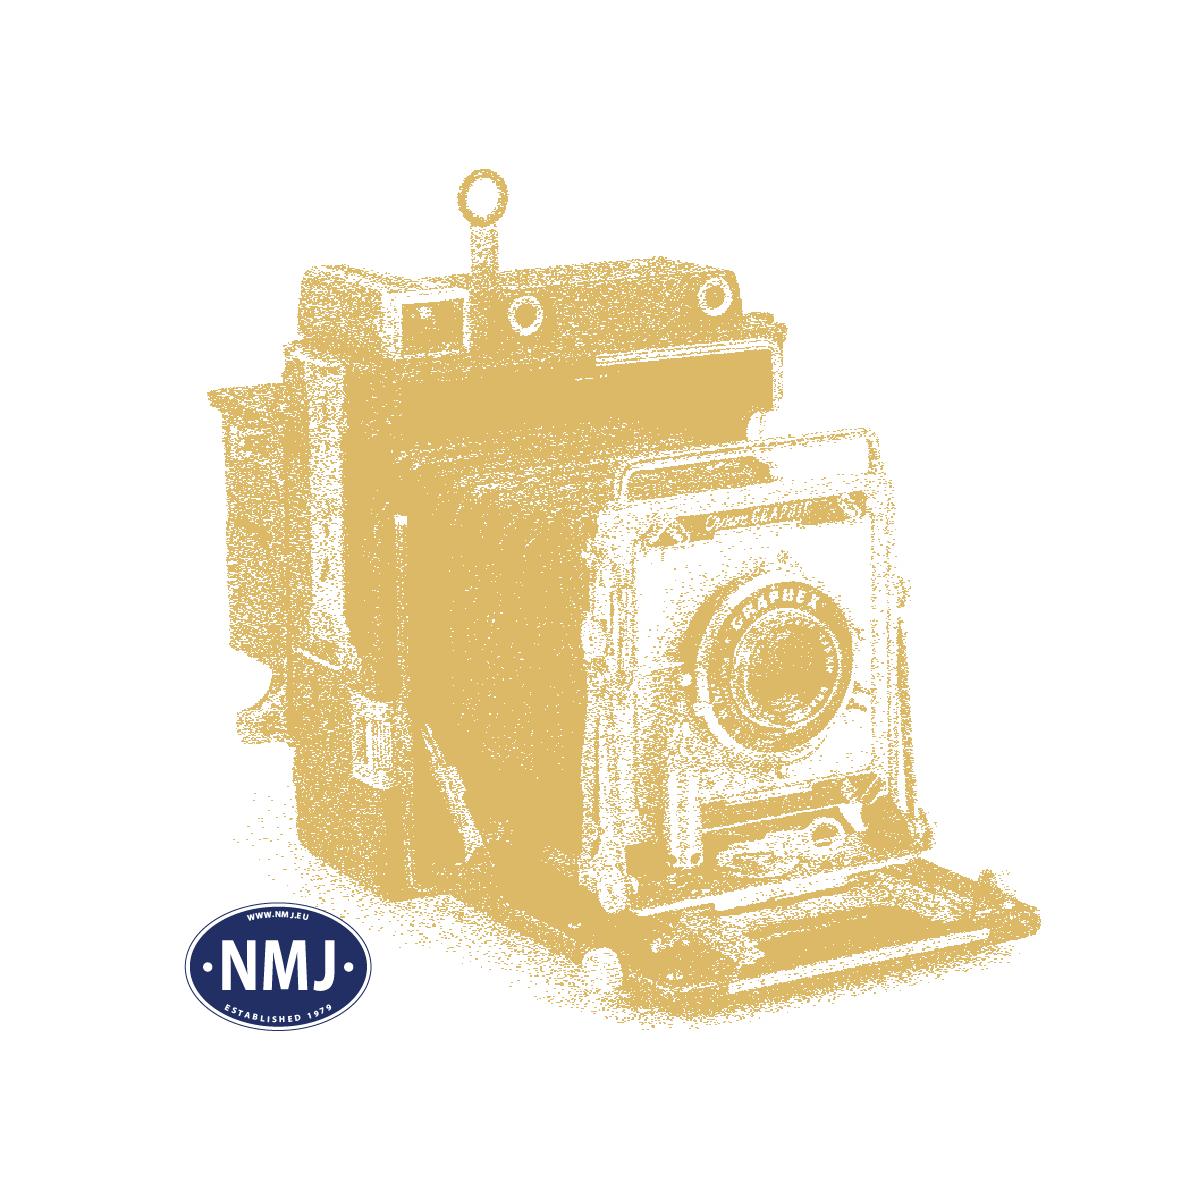 NMJ0.21307 - NMJ Superline Modell des Post/Gepäckwagens DF37.21307 der NSB, Spur 0